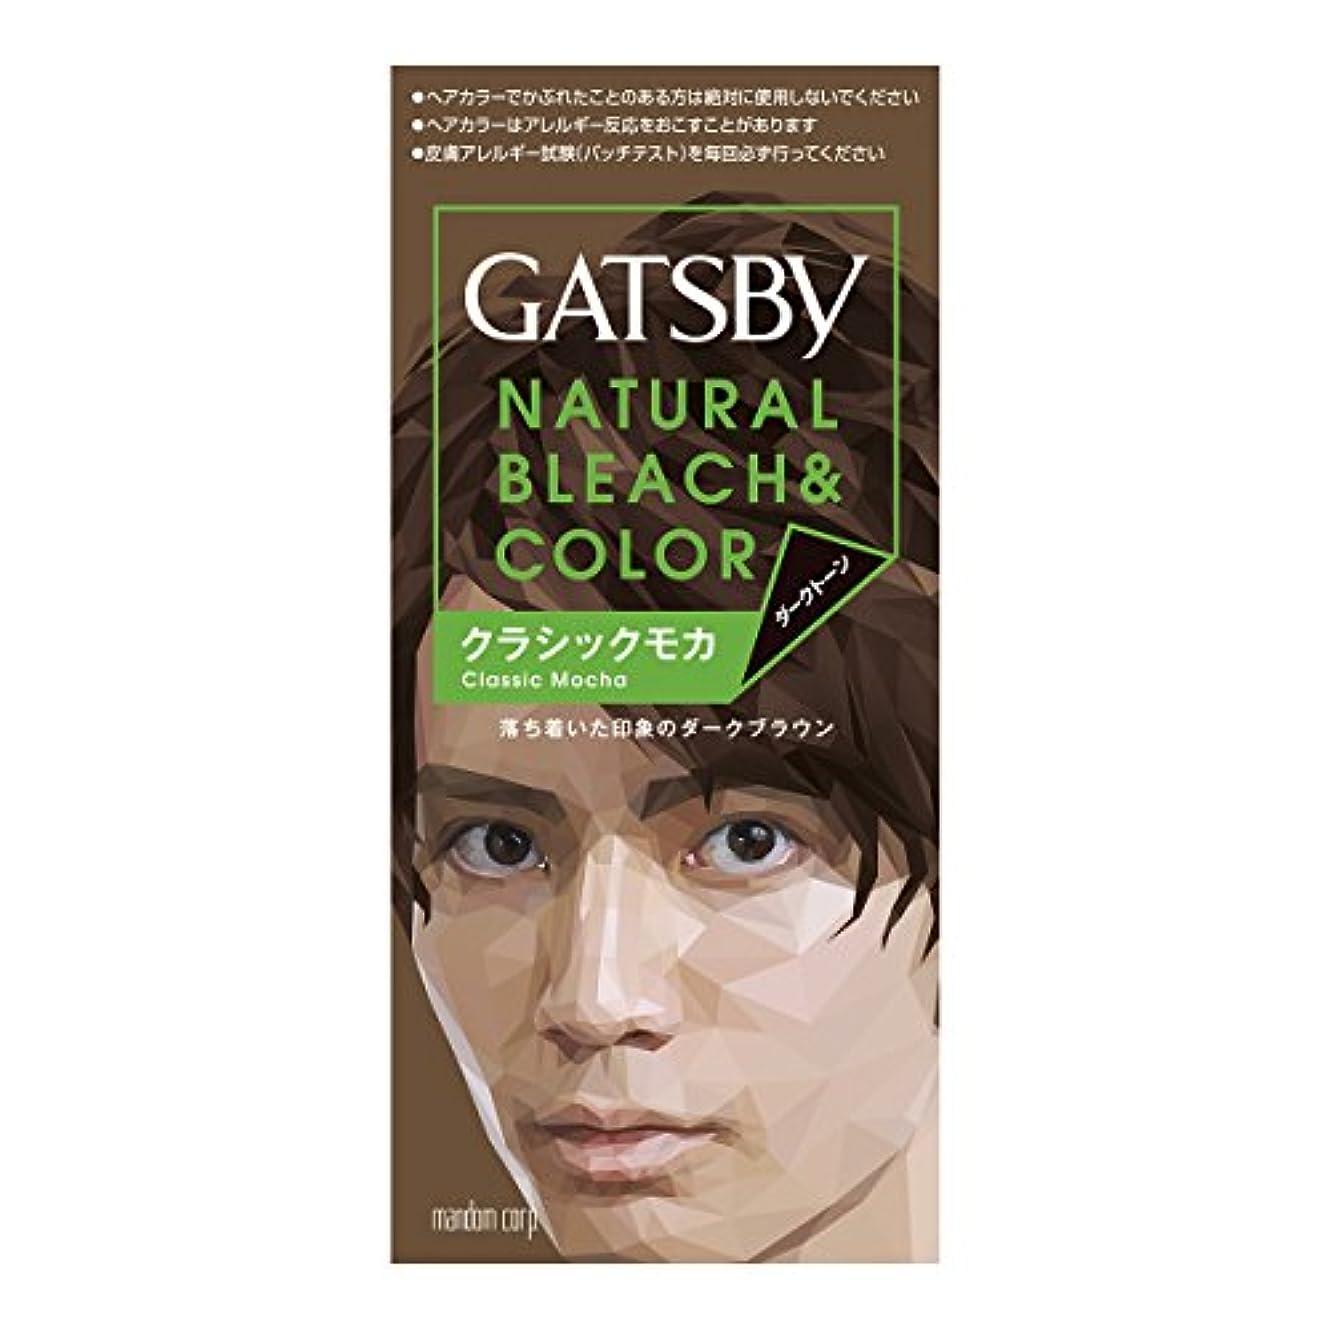 粒床リスクGATSBY(ギャツビー) ナチュラルブリーチカラー クラシックモカ 1剤35g 2剤70mL [医薬部外品]